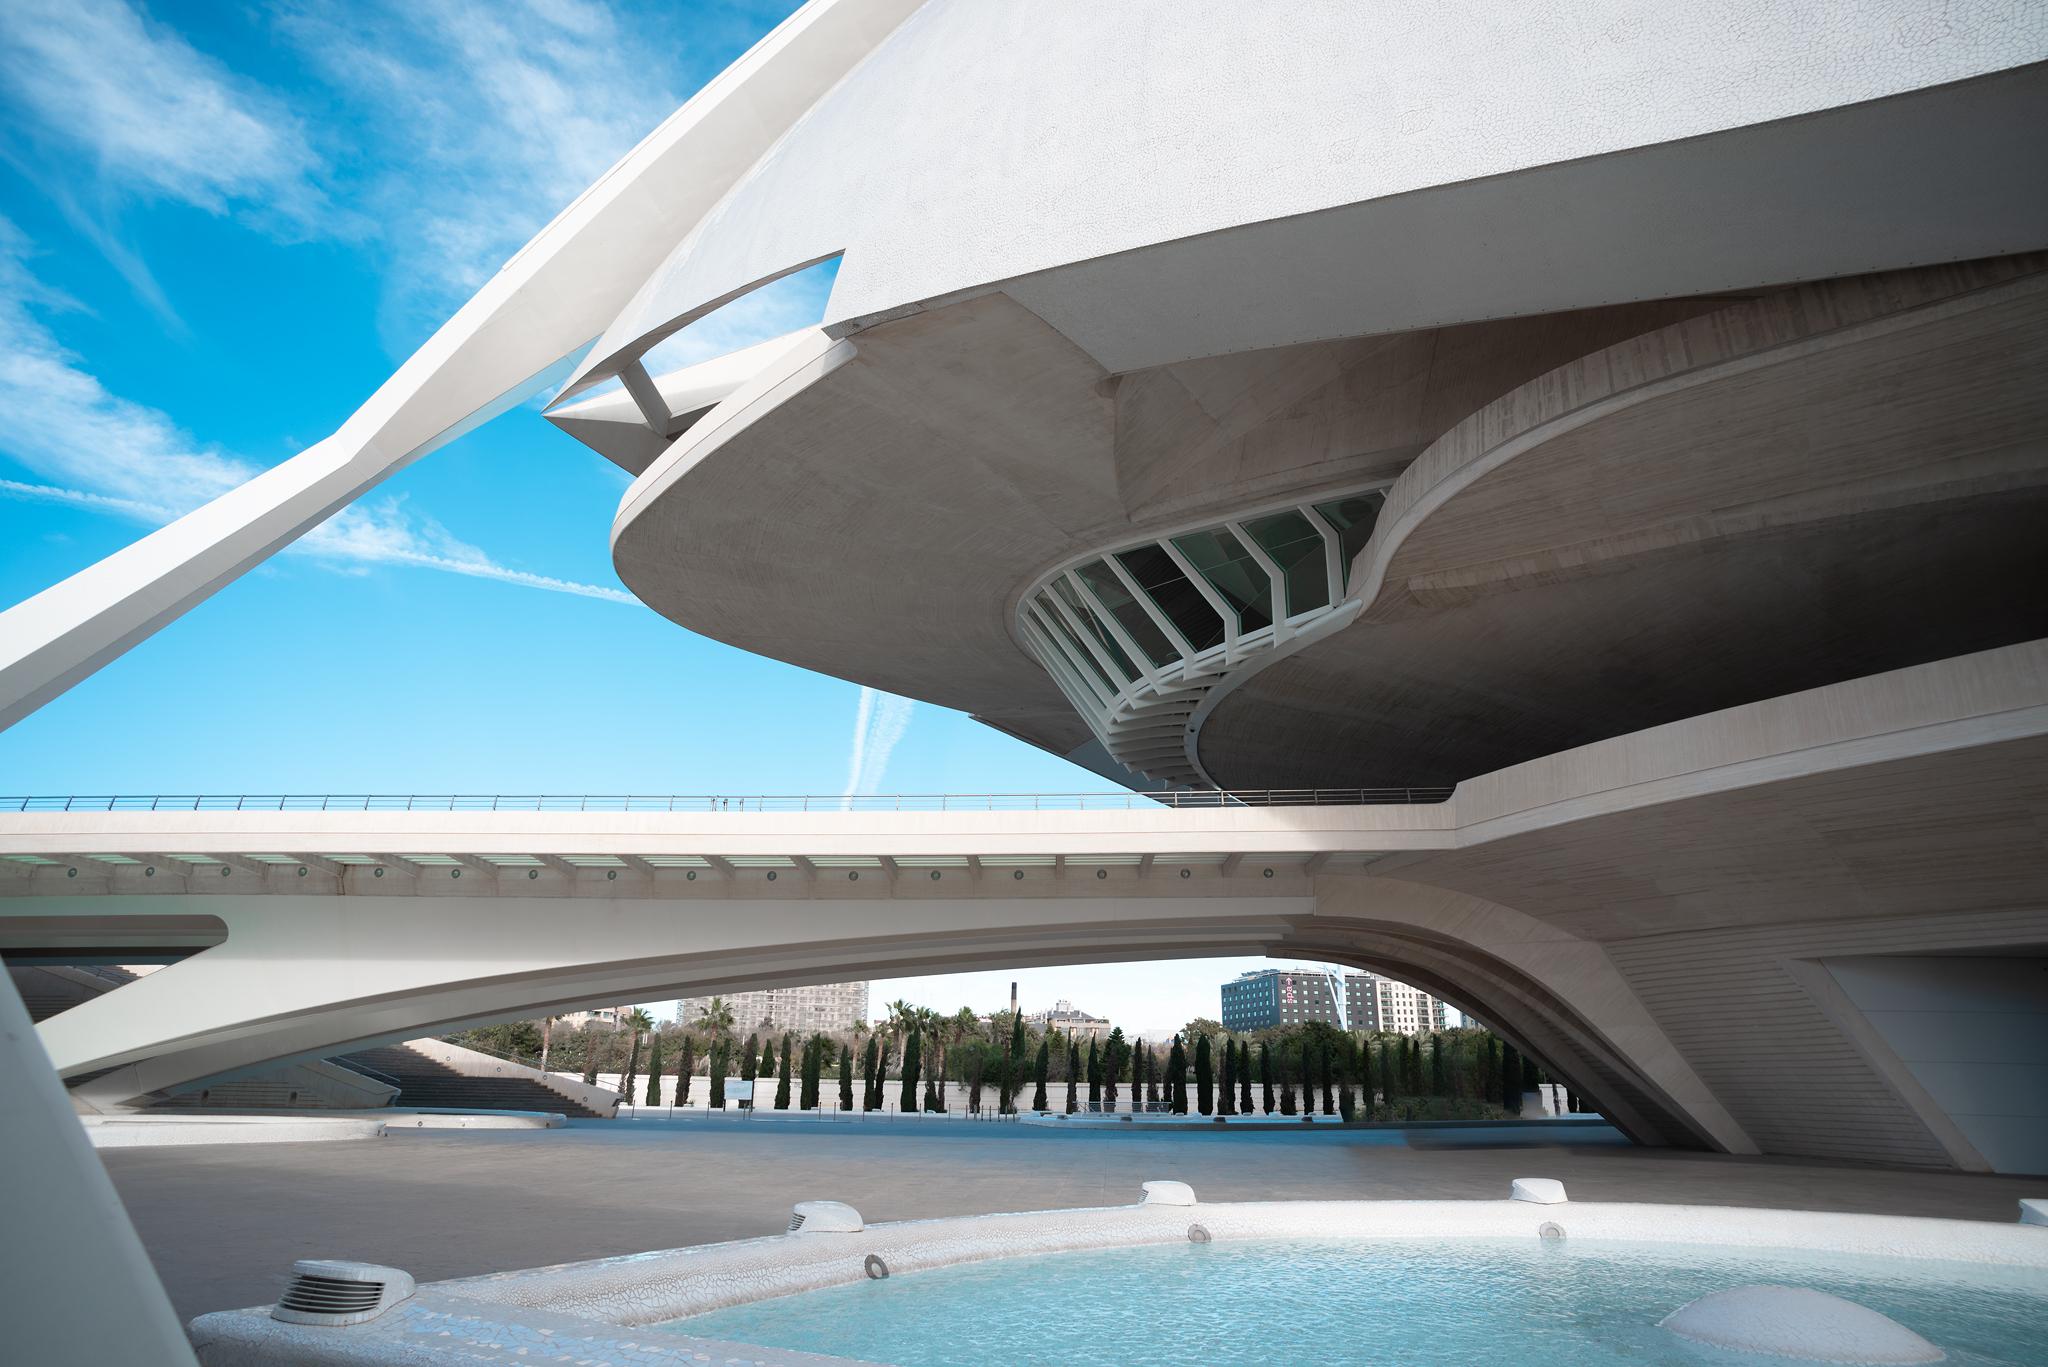 Moderne Architektur in Europa: Immobilienfotografie | bundesweiter Service